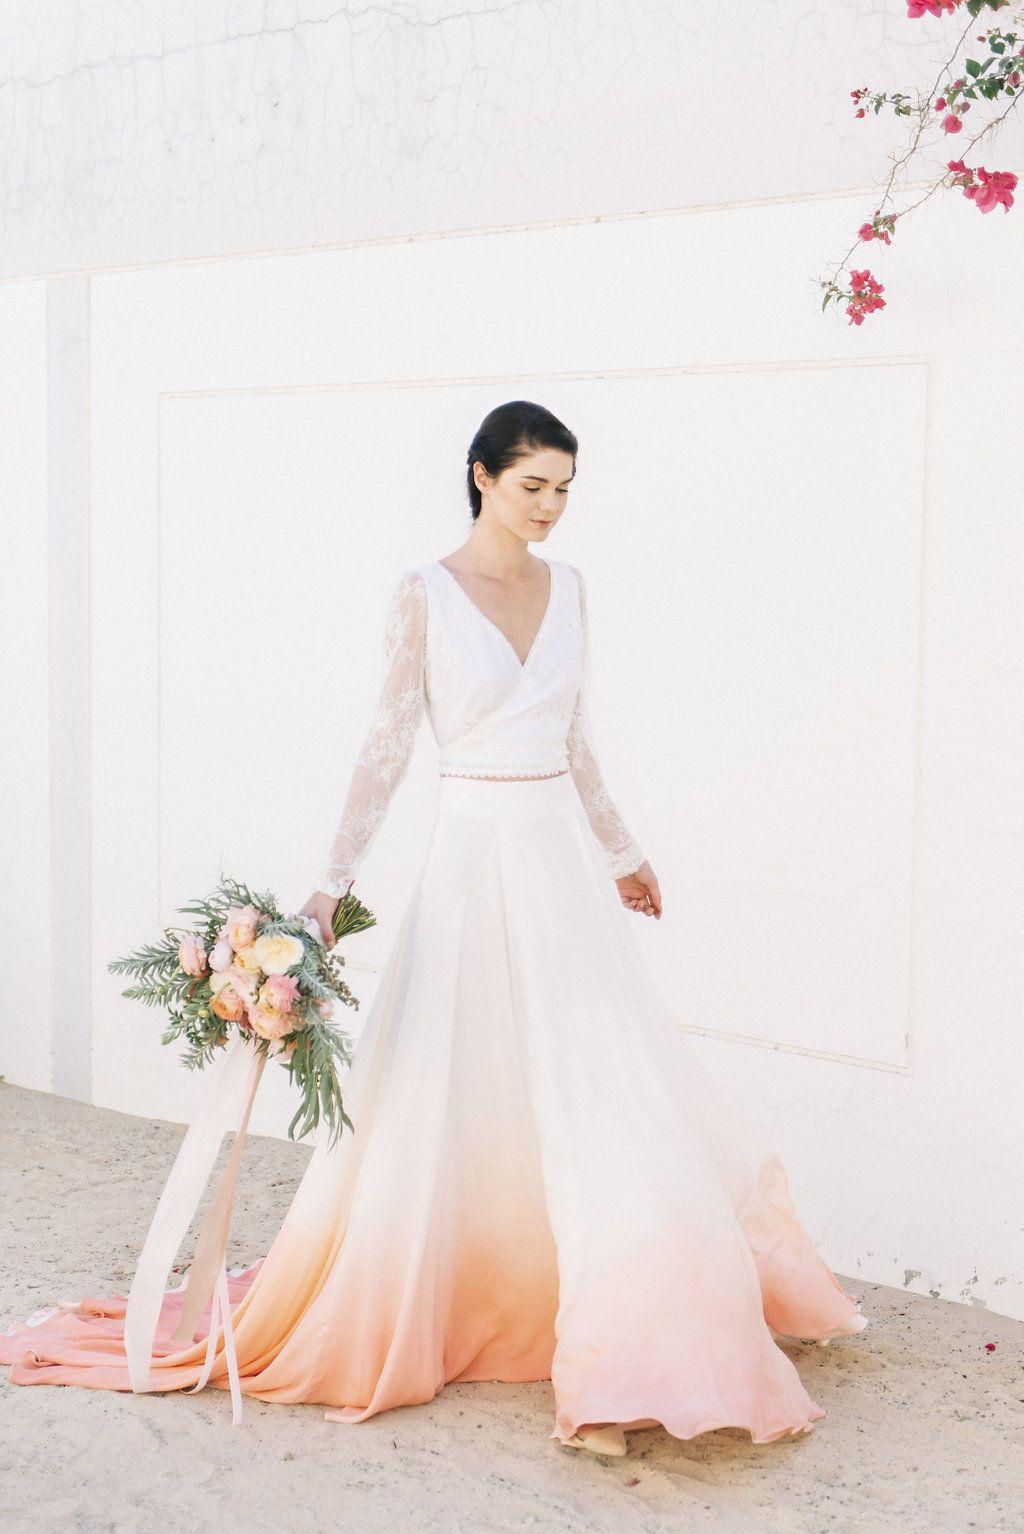 House of moirai dip dye wedding dress bride bohemian wedding